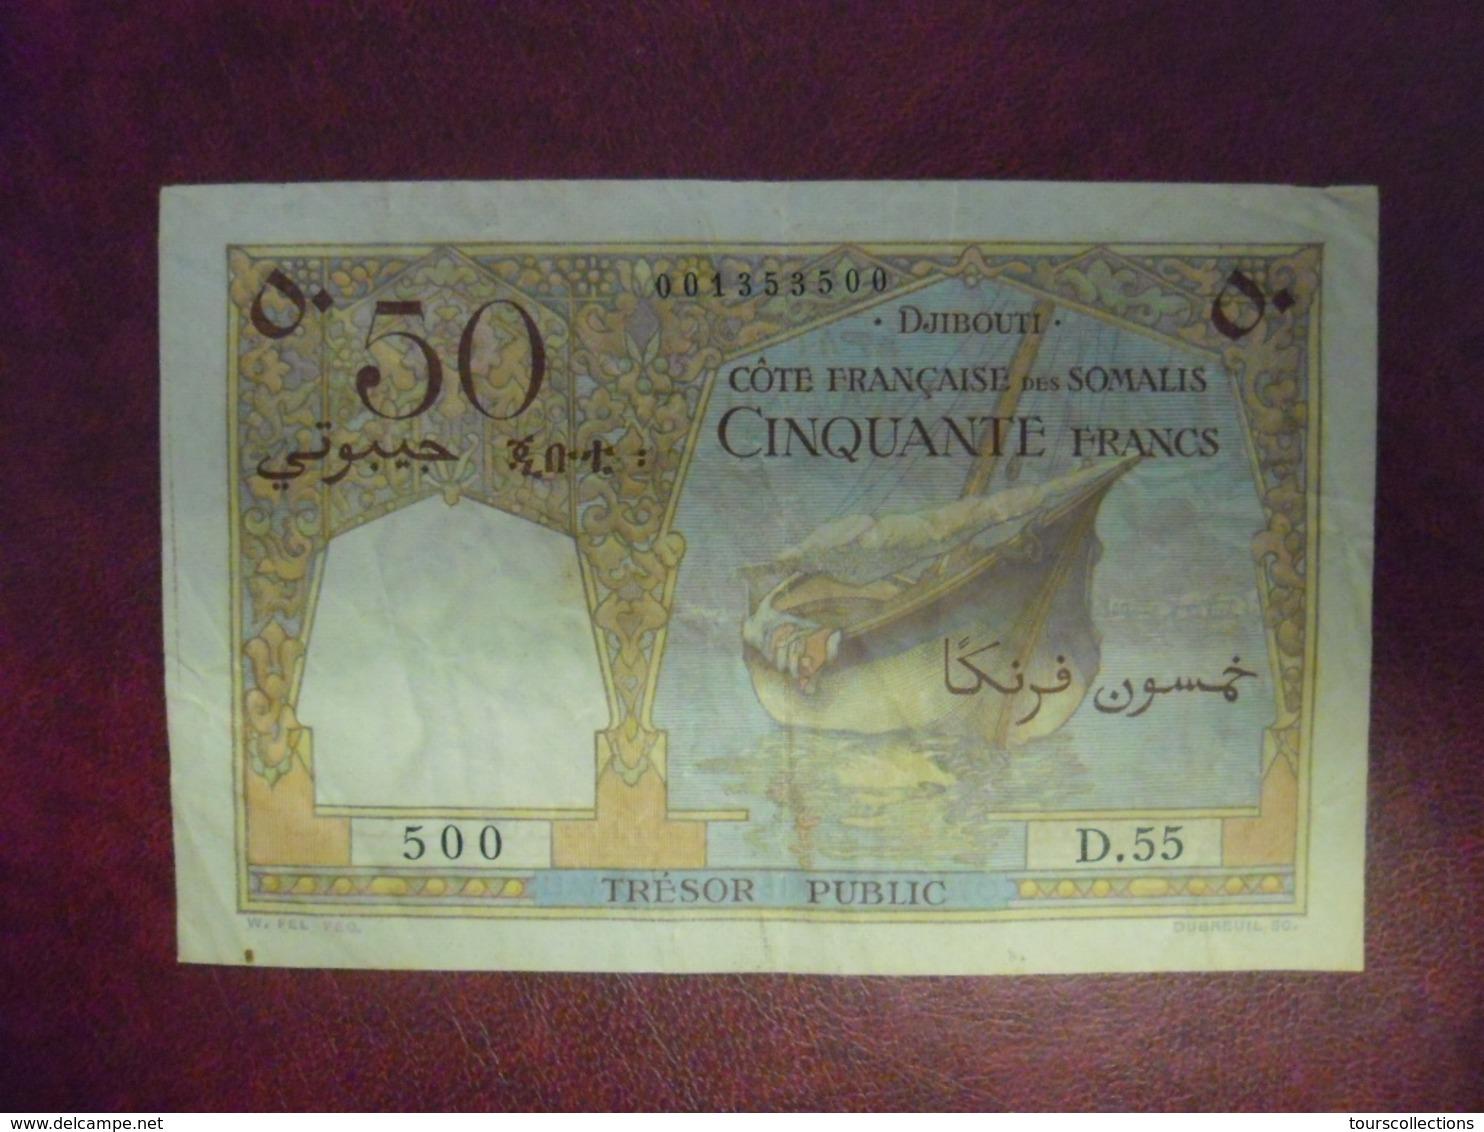 BILLET 50 FRANCS DJIBOUTI - COTE FRANCAISE DES SOMALIS De 1952 @ WPM PICK N° 25 - Djibouti